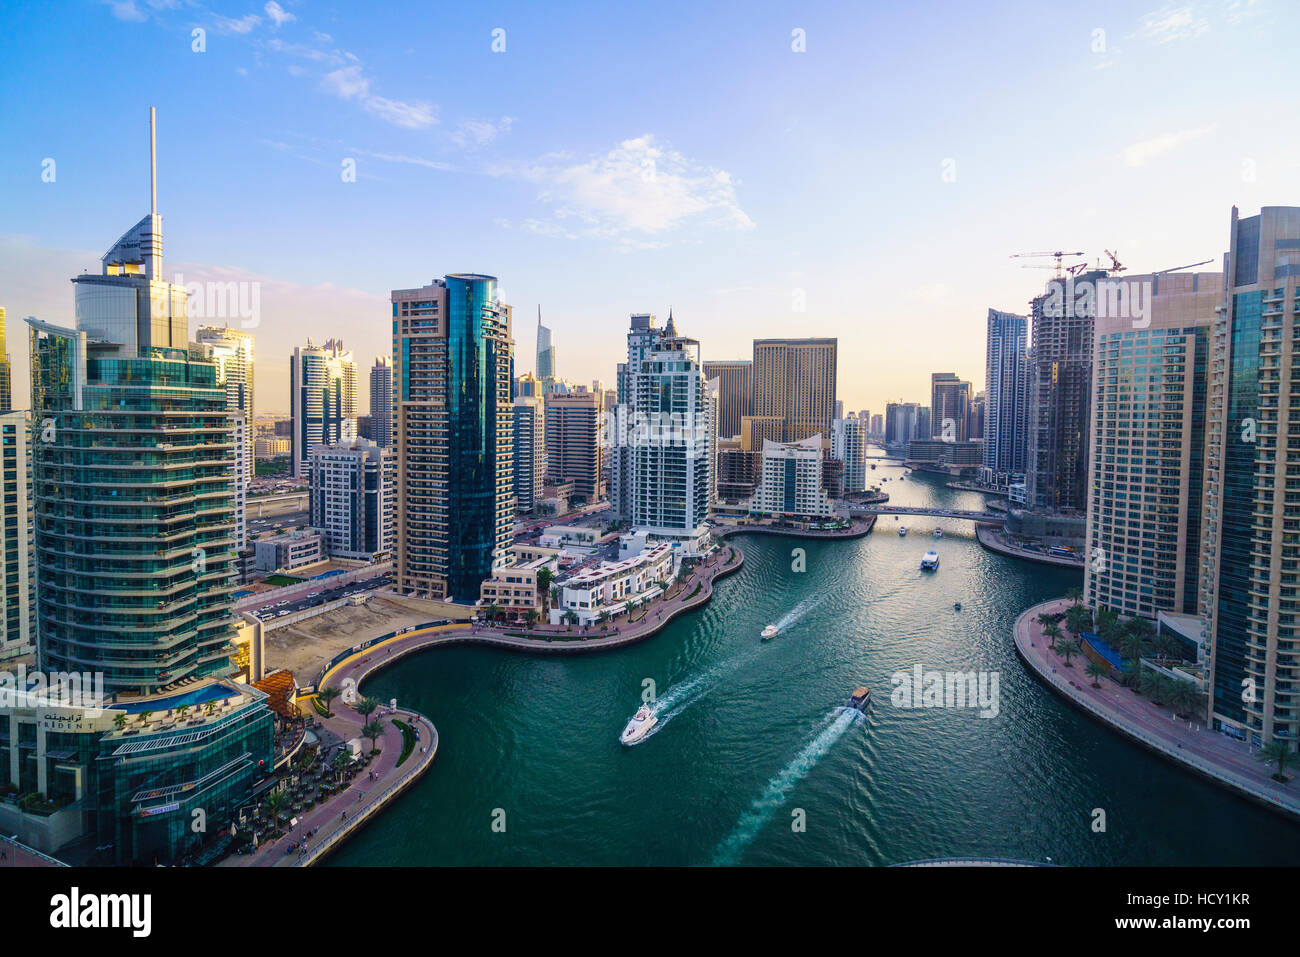 Dubai Marina, Dubai, United Arab Emirates, Middle East - Stock Image